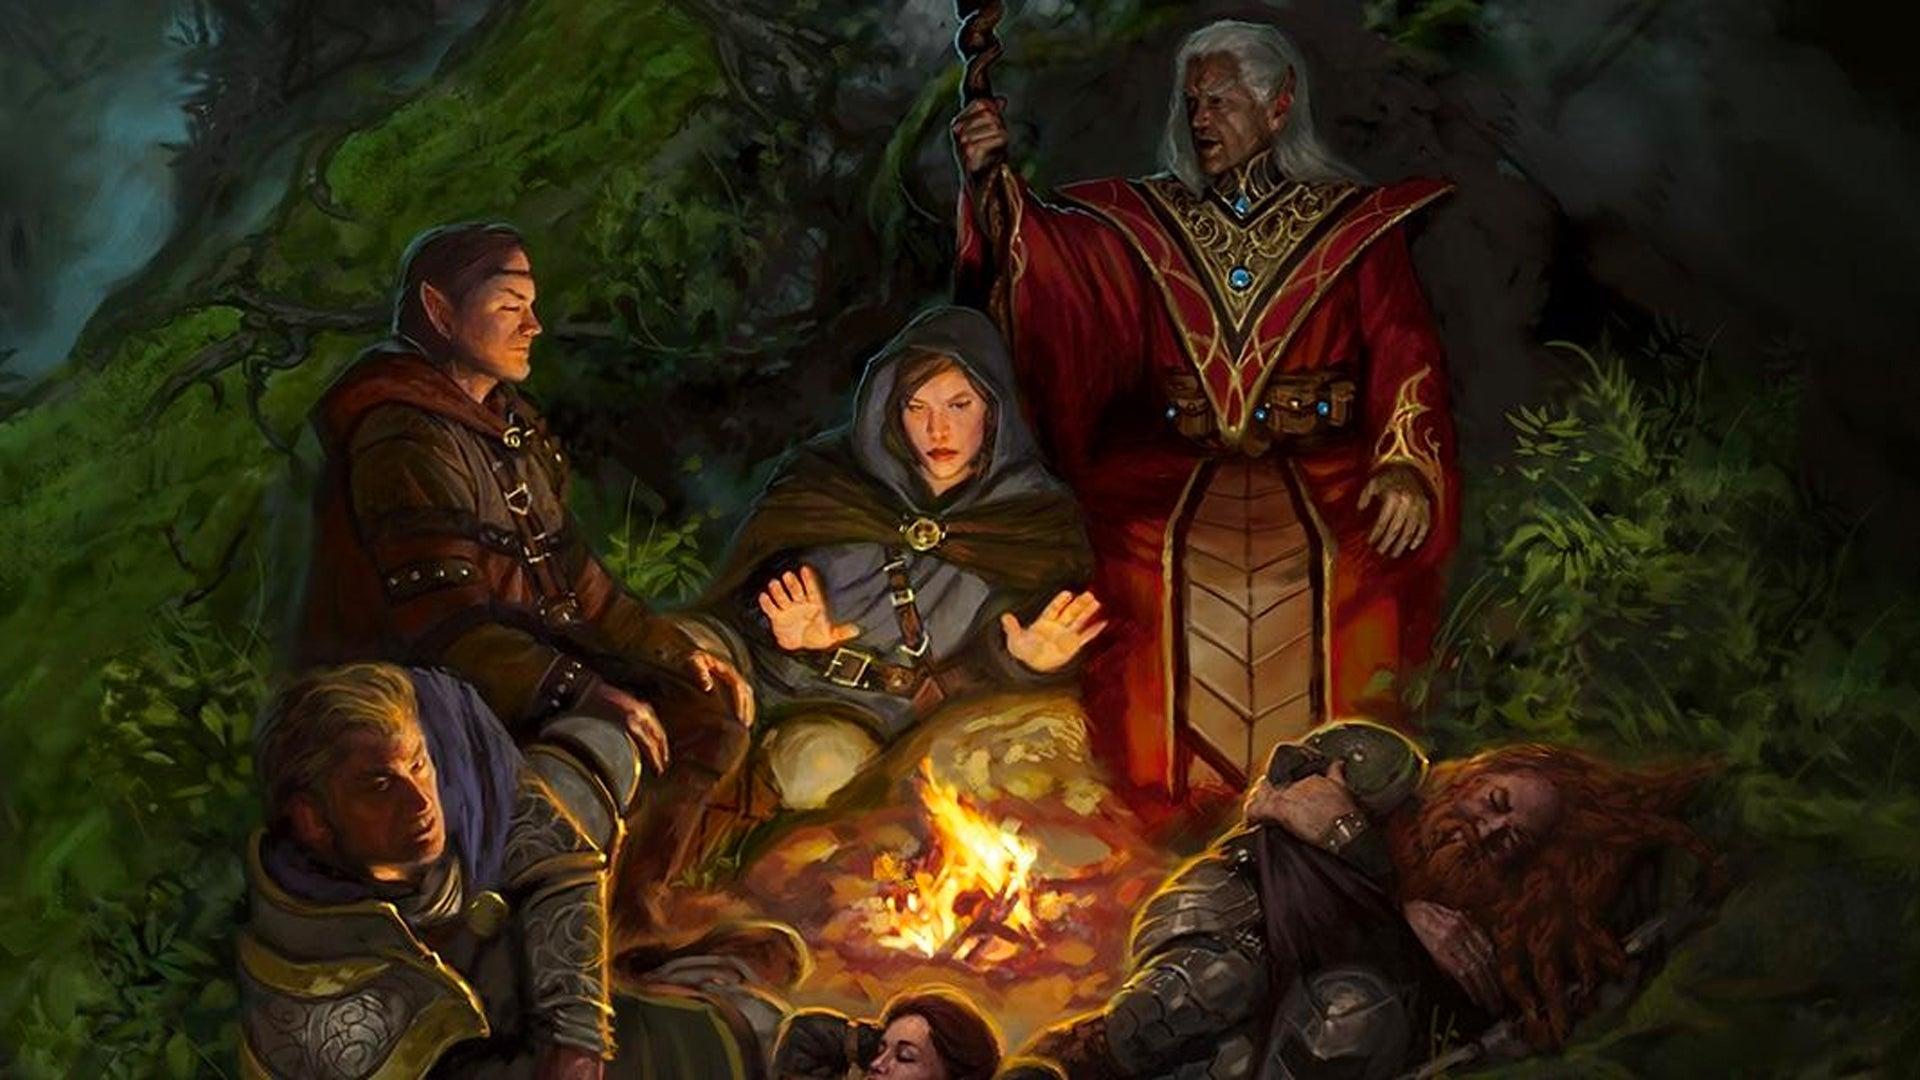 dnd-5e-artwork-campfire.jpg